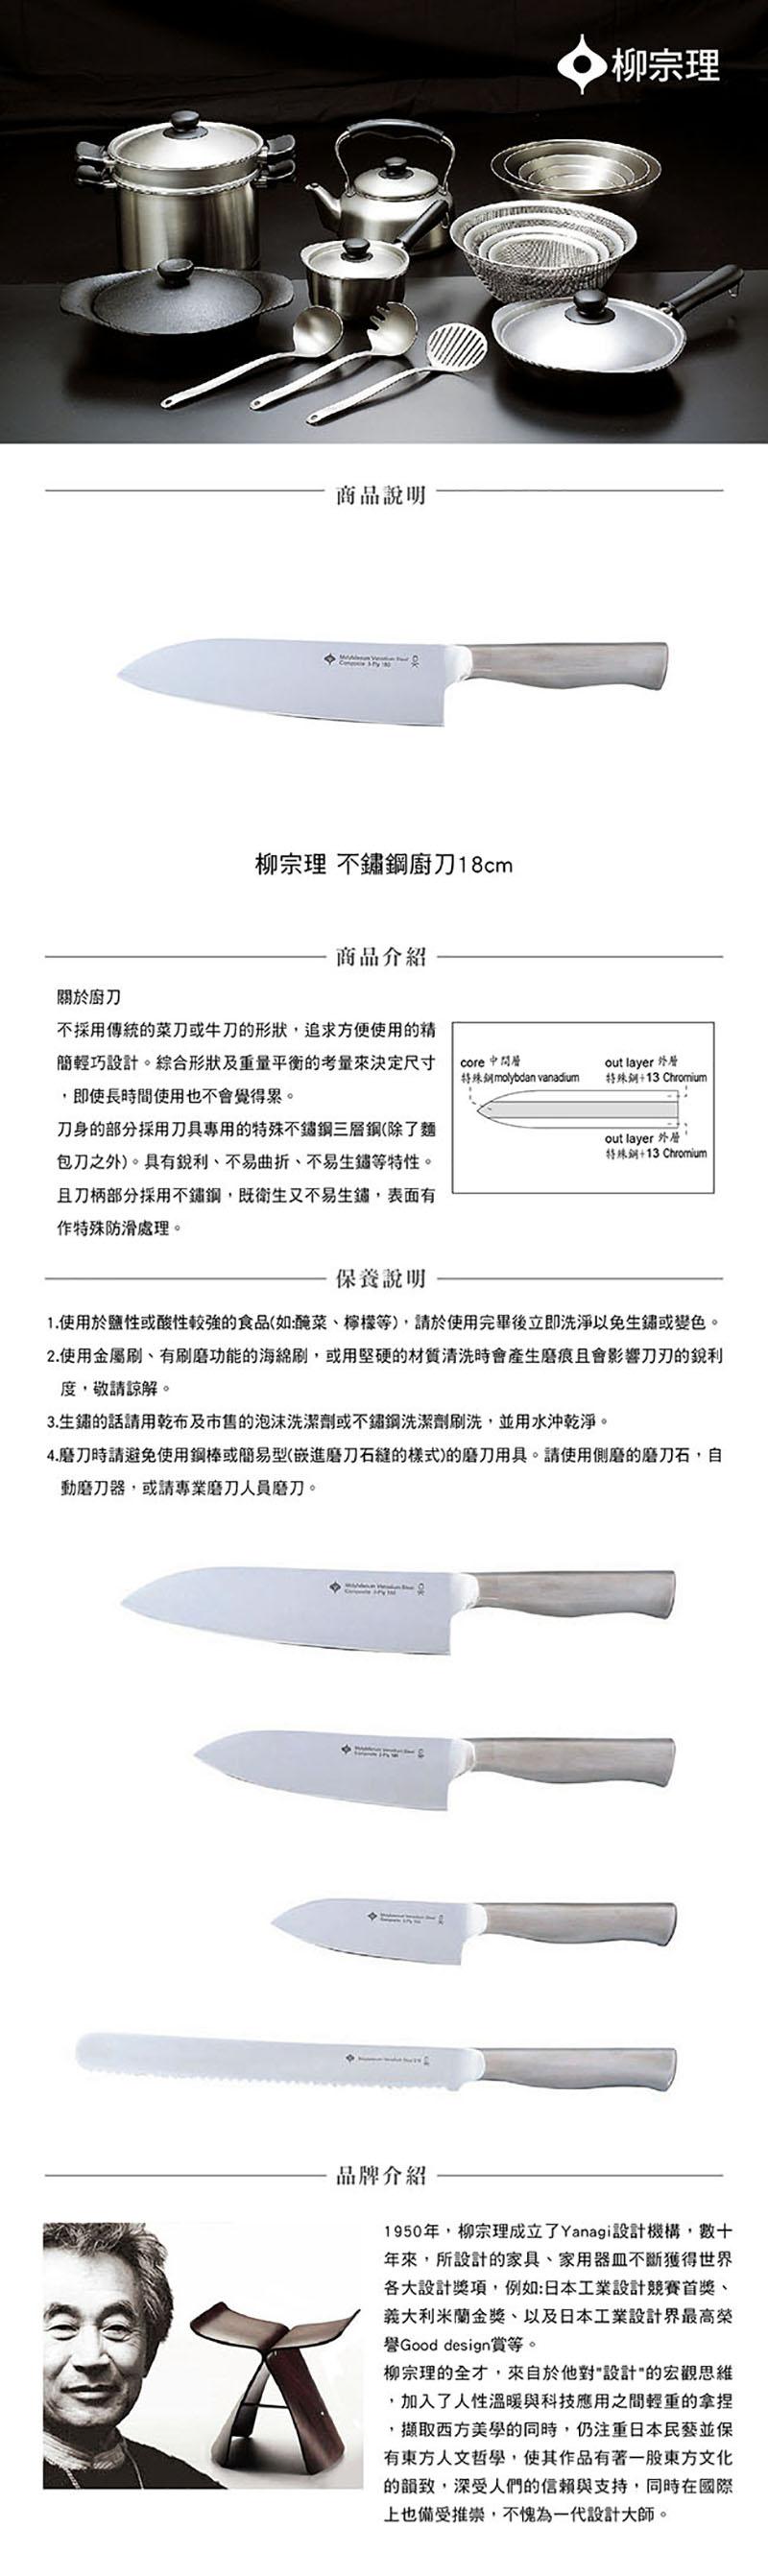 日本 柳宗理 不鏽鋼廚刀 18cm